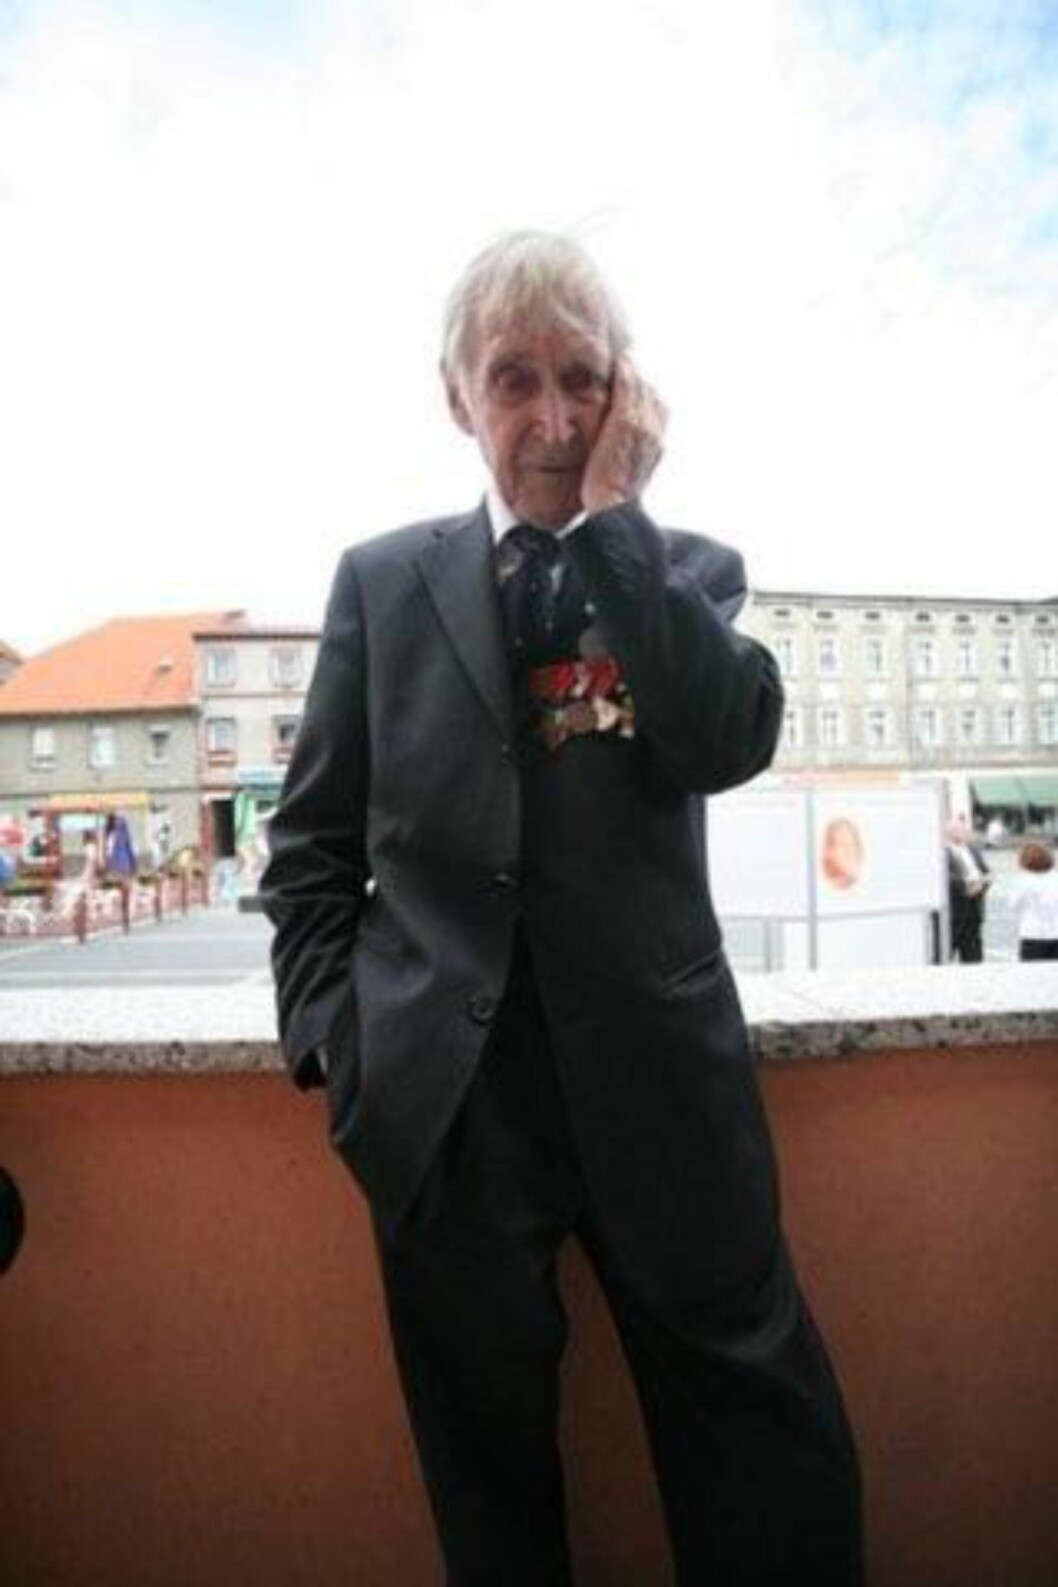 """Gunnar """"Kjakan"""" Sønsteby i et tenksomt øyeblikk under oppholdet i Polen. Foto: Asbjørn Svarstad"""